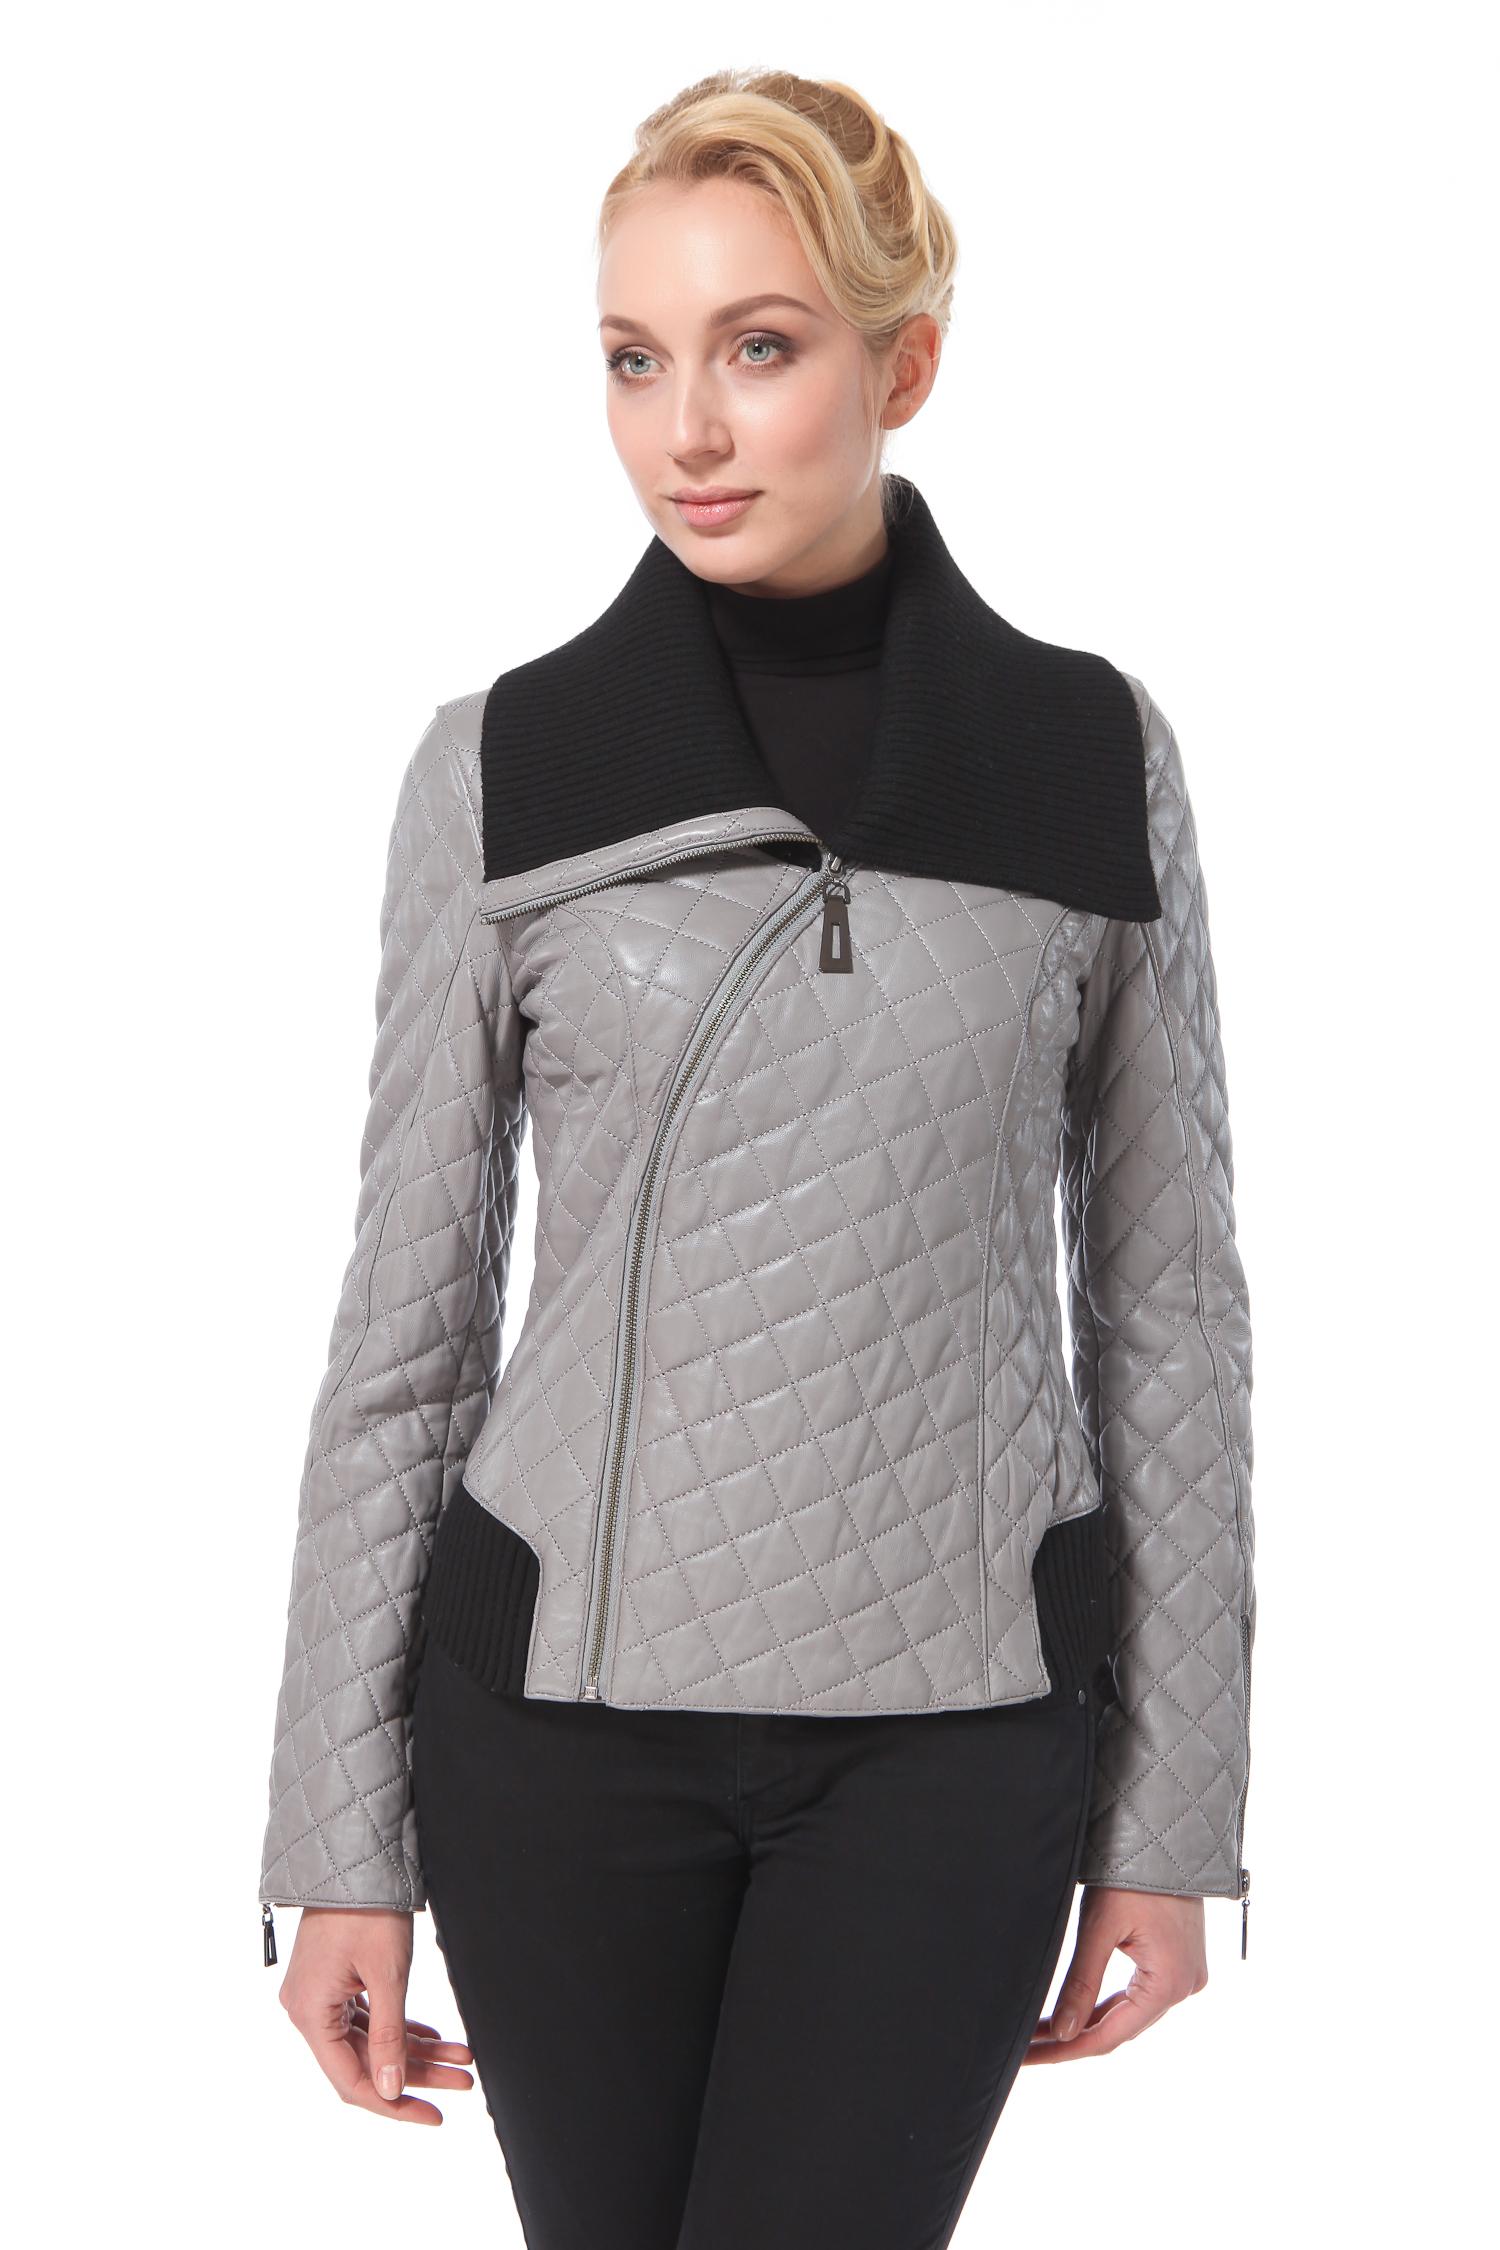 Женская кожаная куртка из натуральной кожи с воротником, без отделки<br><br>Материал: Натуральная кожа<br>Цвет: Серый<br>Пол: Женский